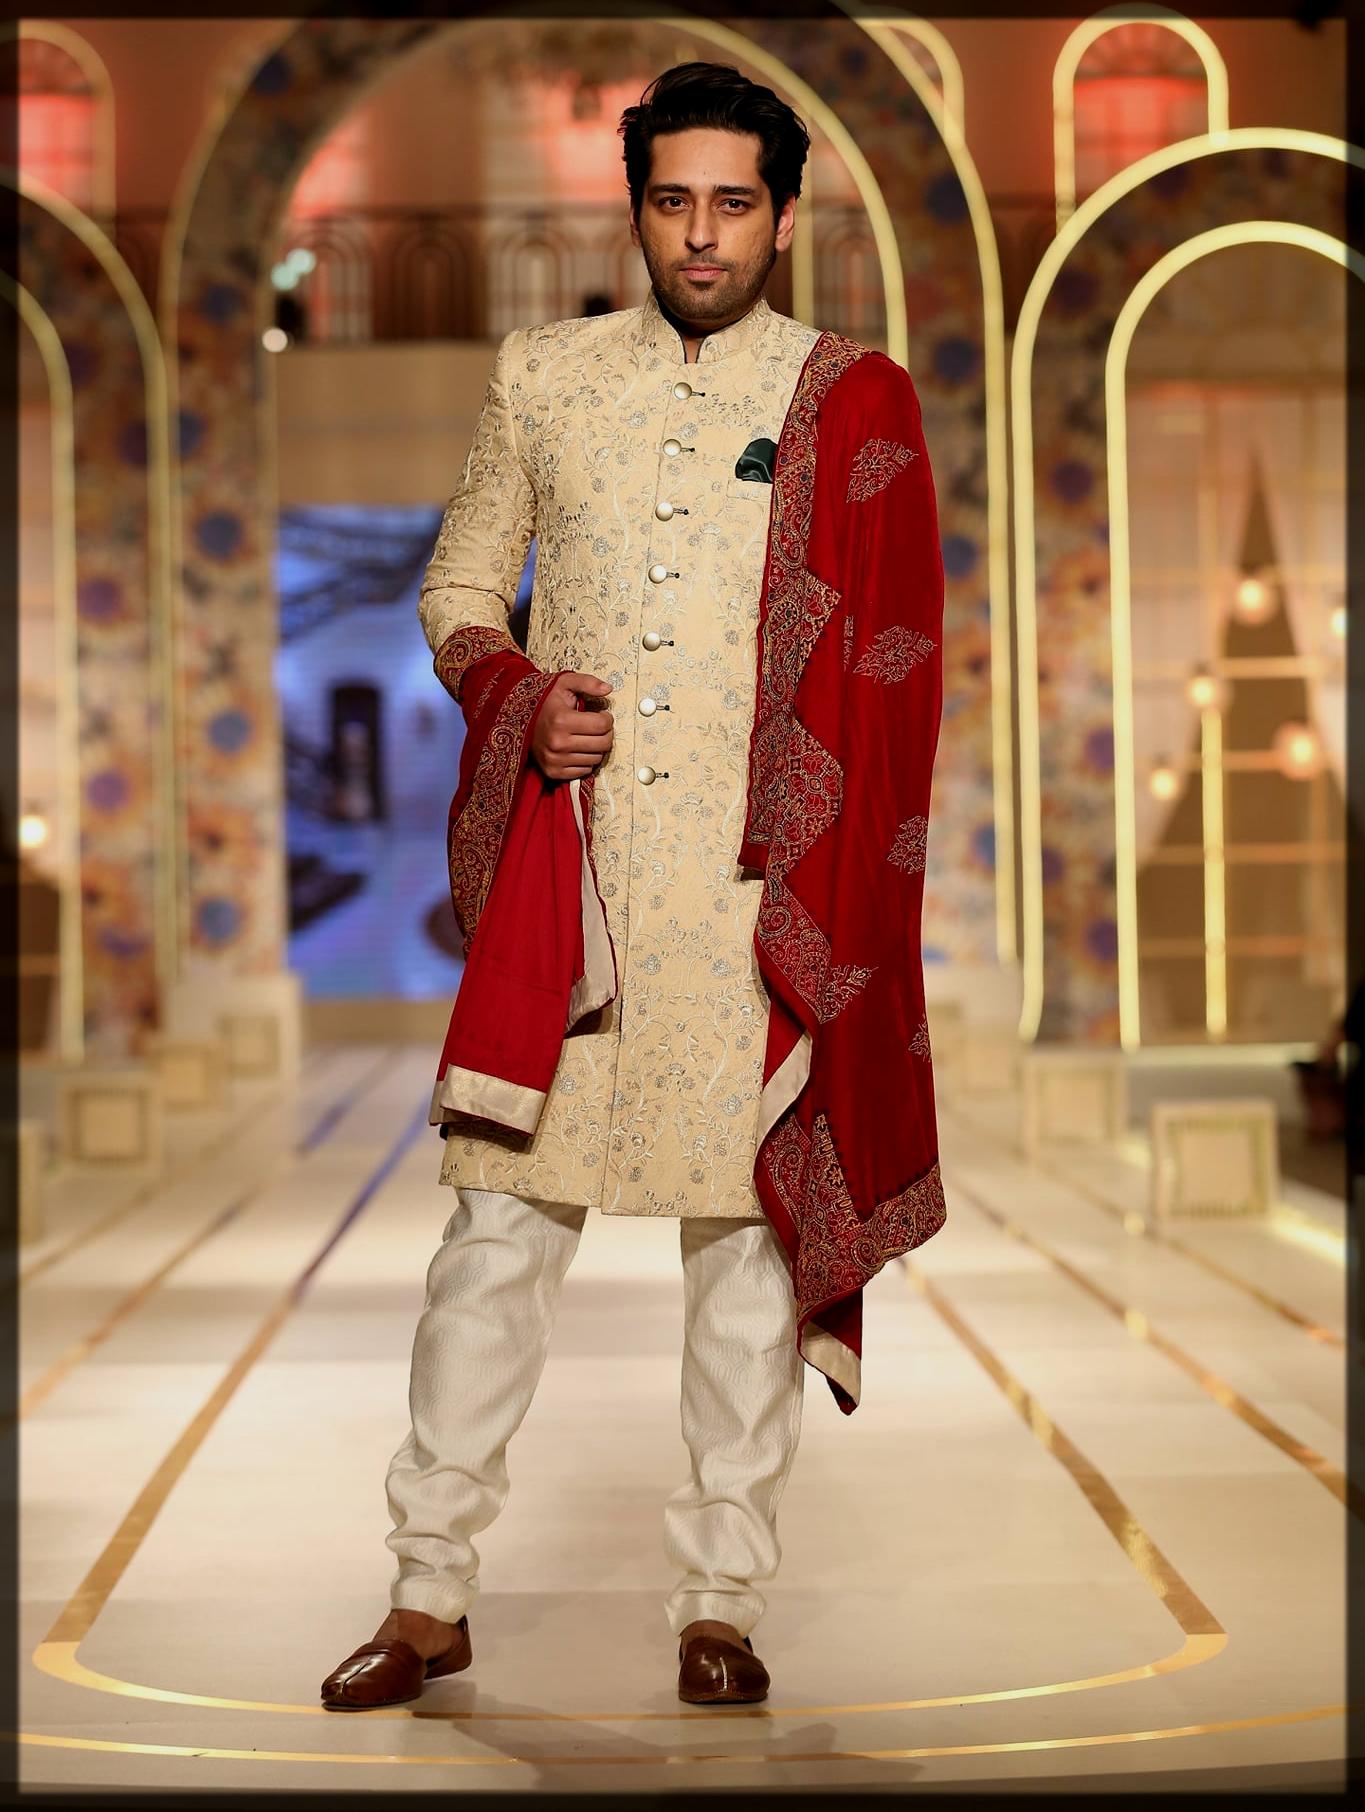 dazzling men wear attires